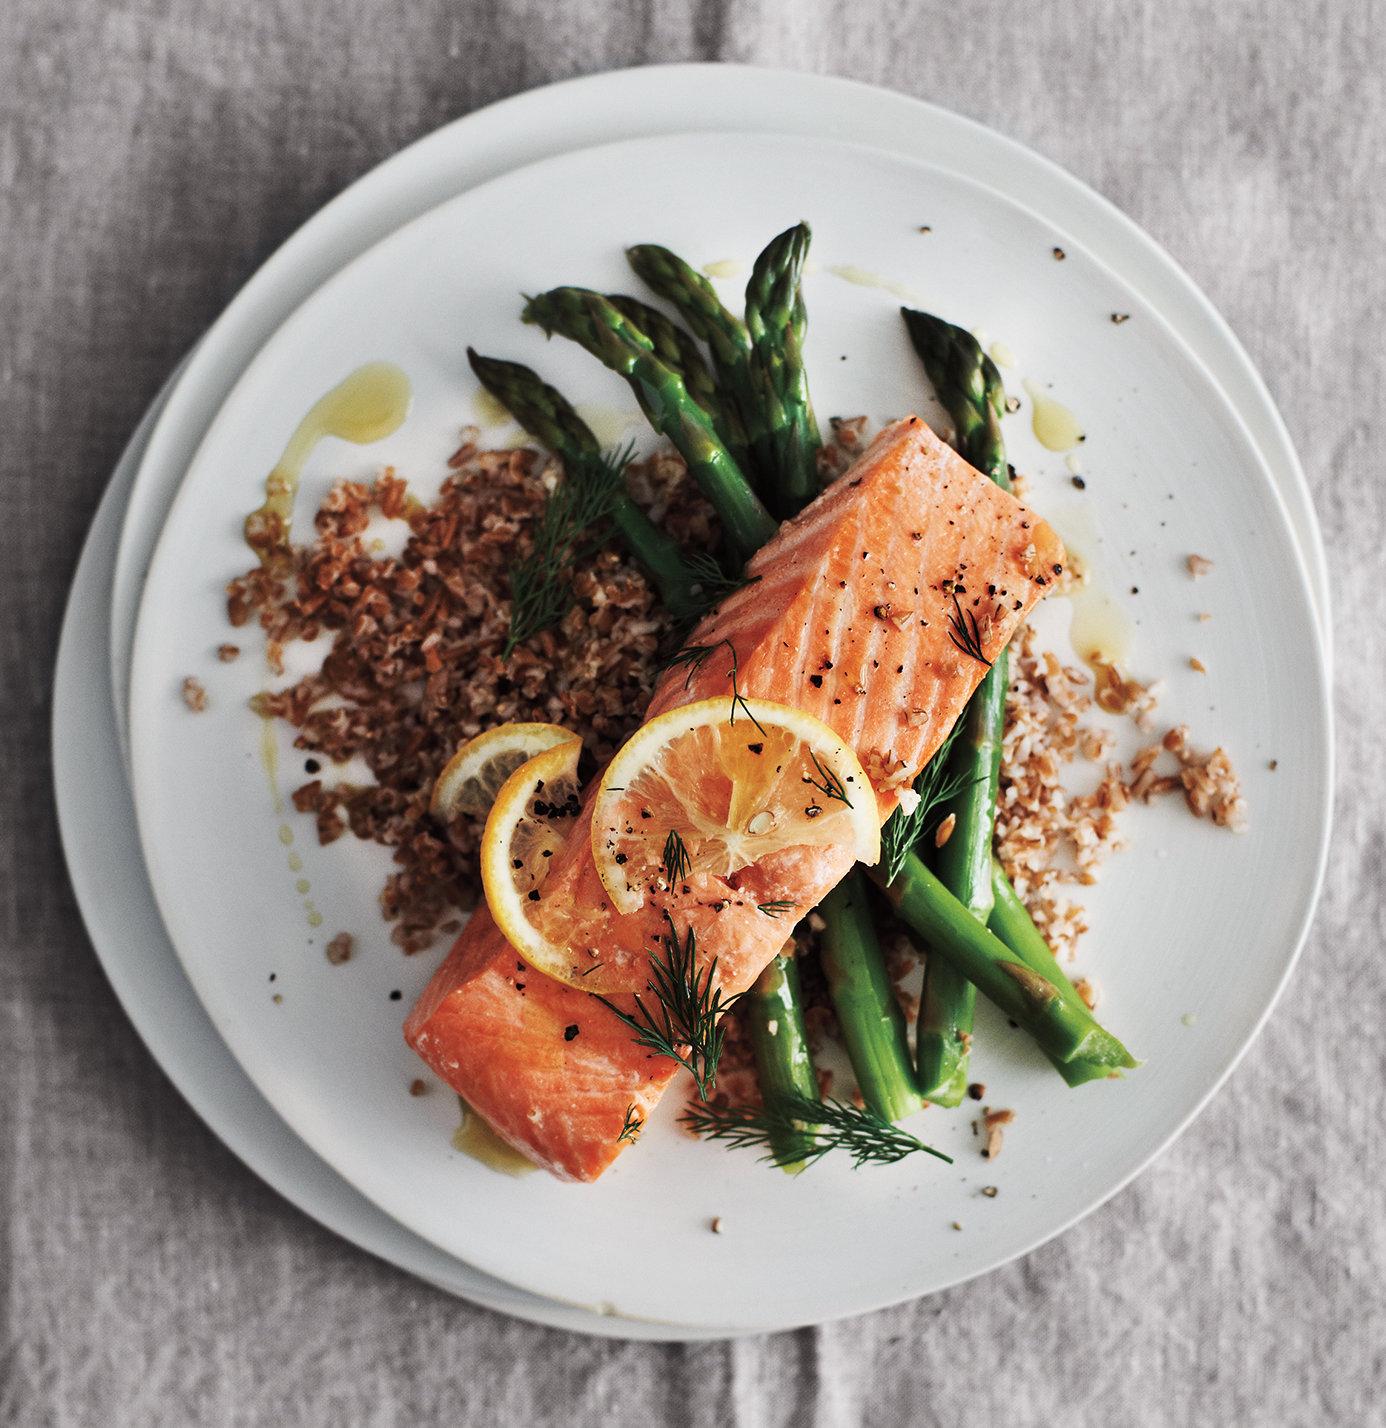 salmón cocido al horno con sal y pimienta, espárragos a la parrilla y bulgur cocido, ideas de recetas bajas en calorias